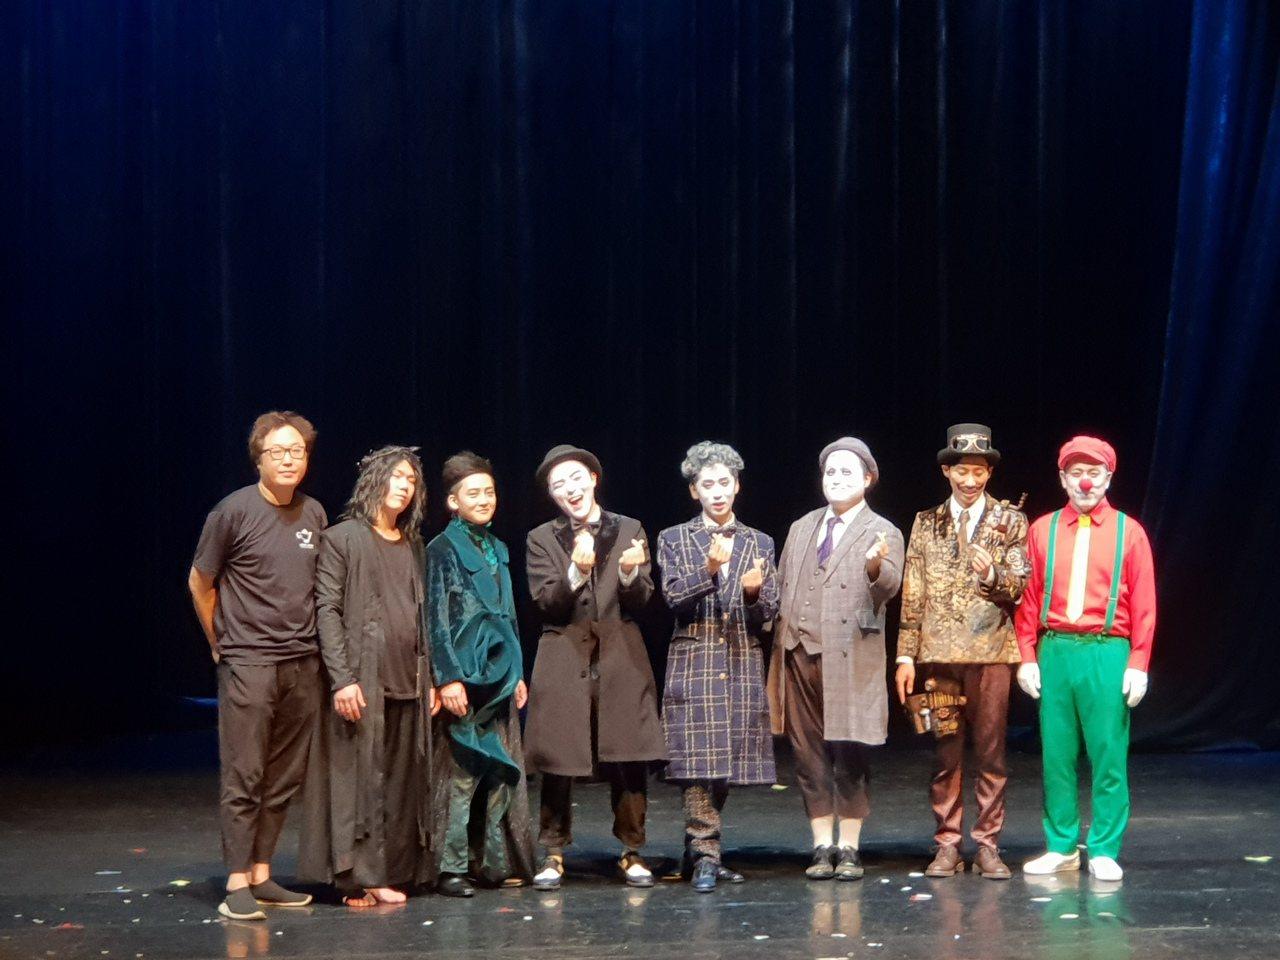 南韓奇幻魔術劇「SNAP 變!」由七位魔術師聯手獻演,是亞洲第一個打進紐約外百老...